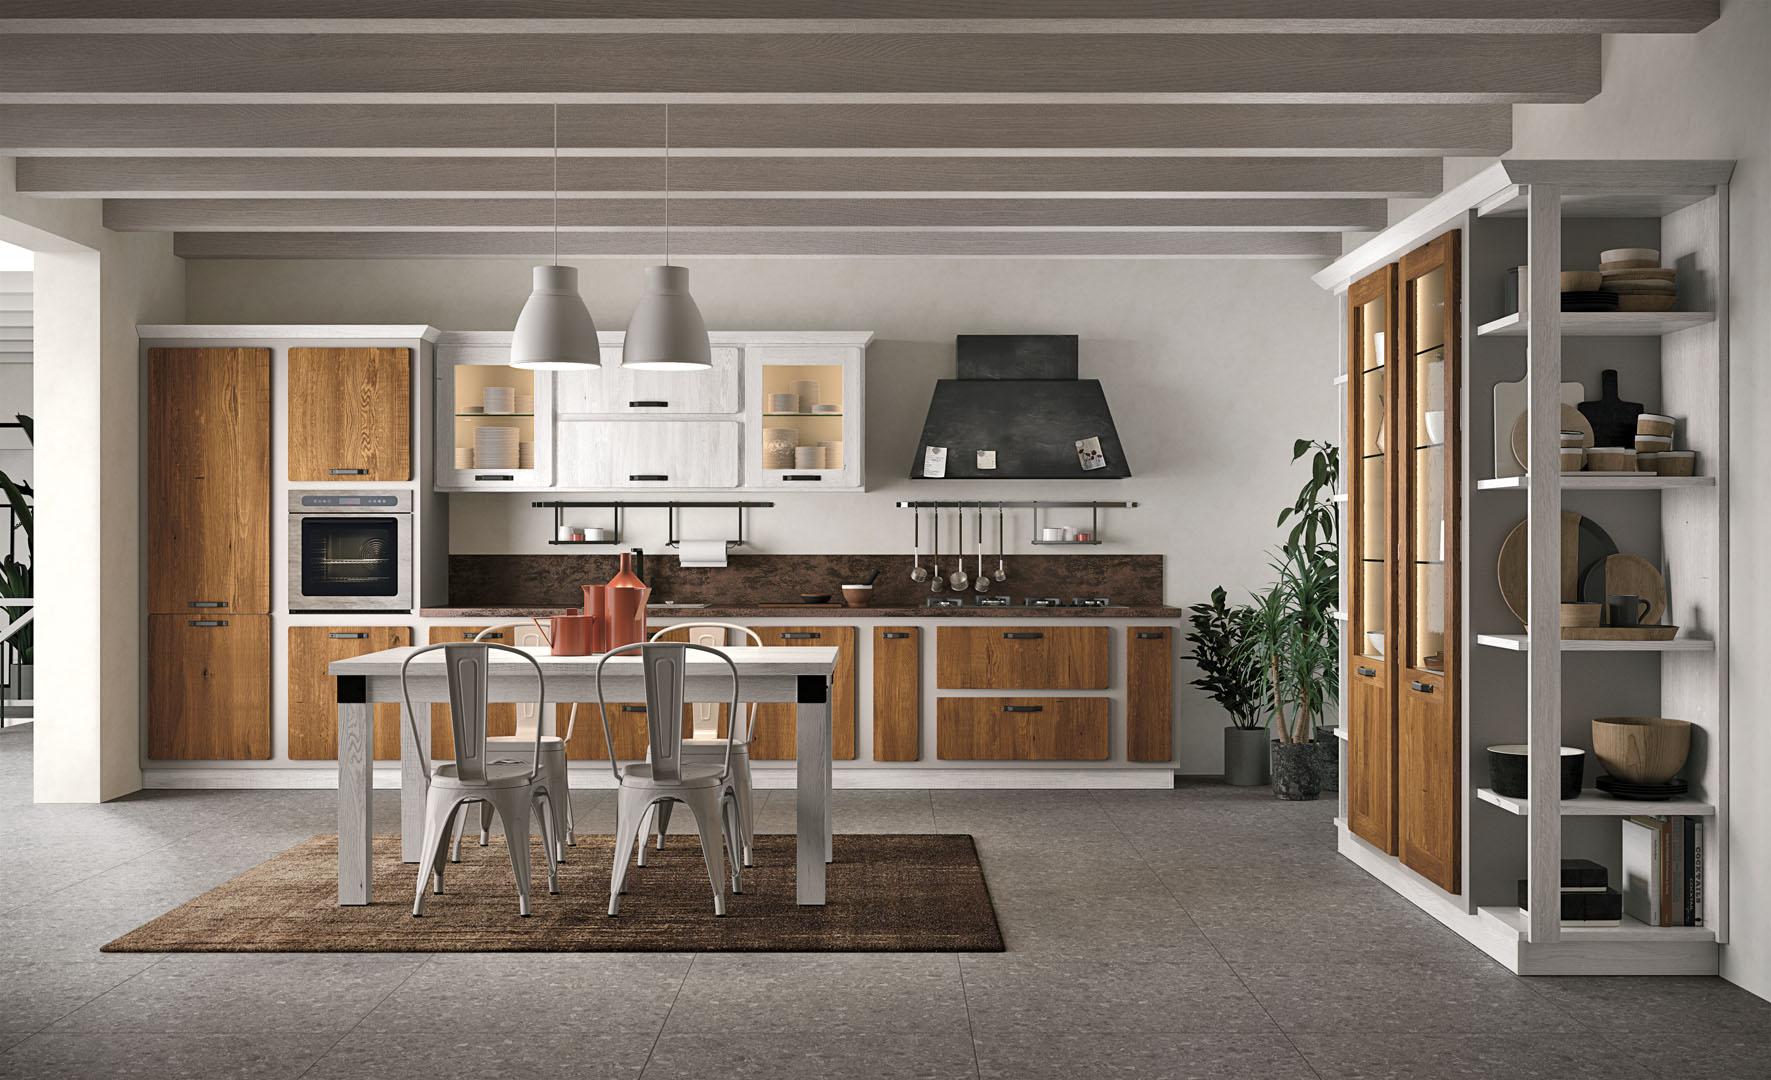 Rebecca - Cucine Borgo Antico - Cucine LUBE